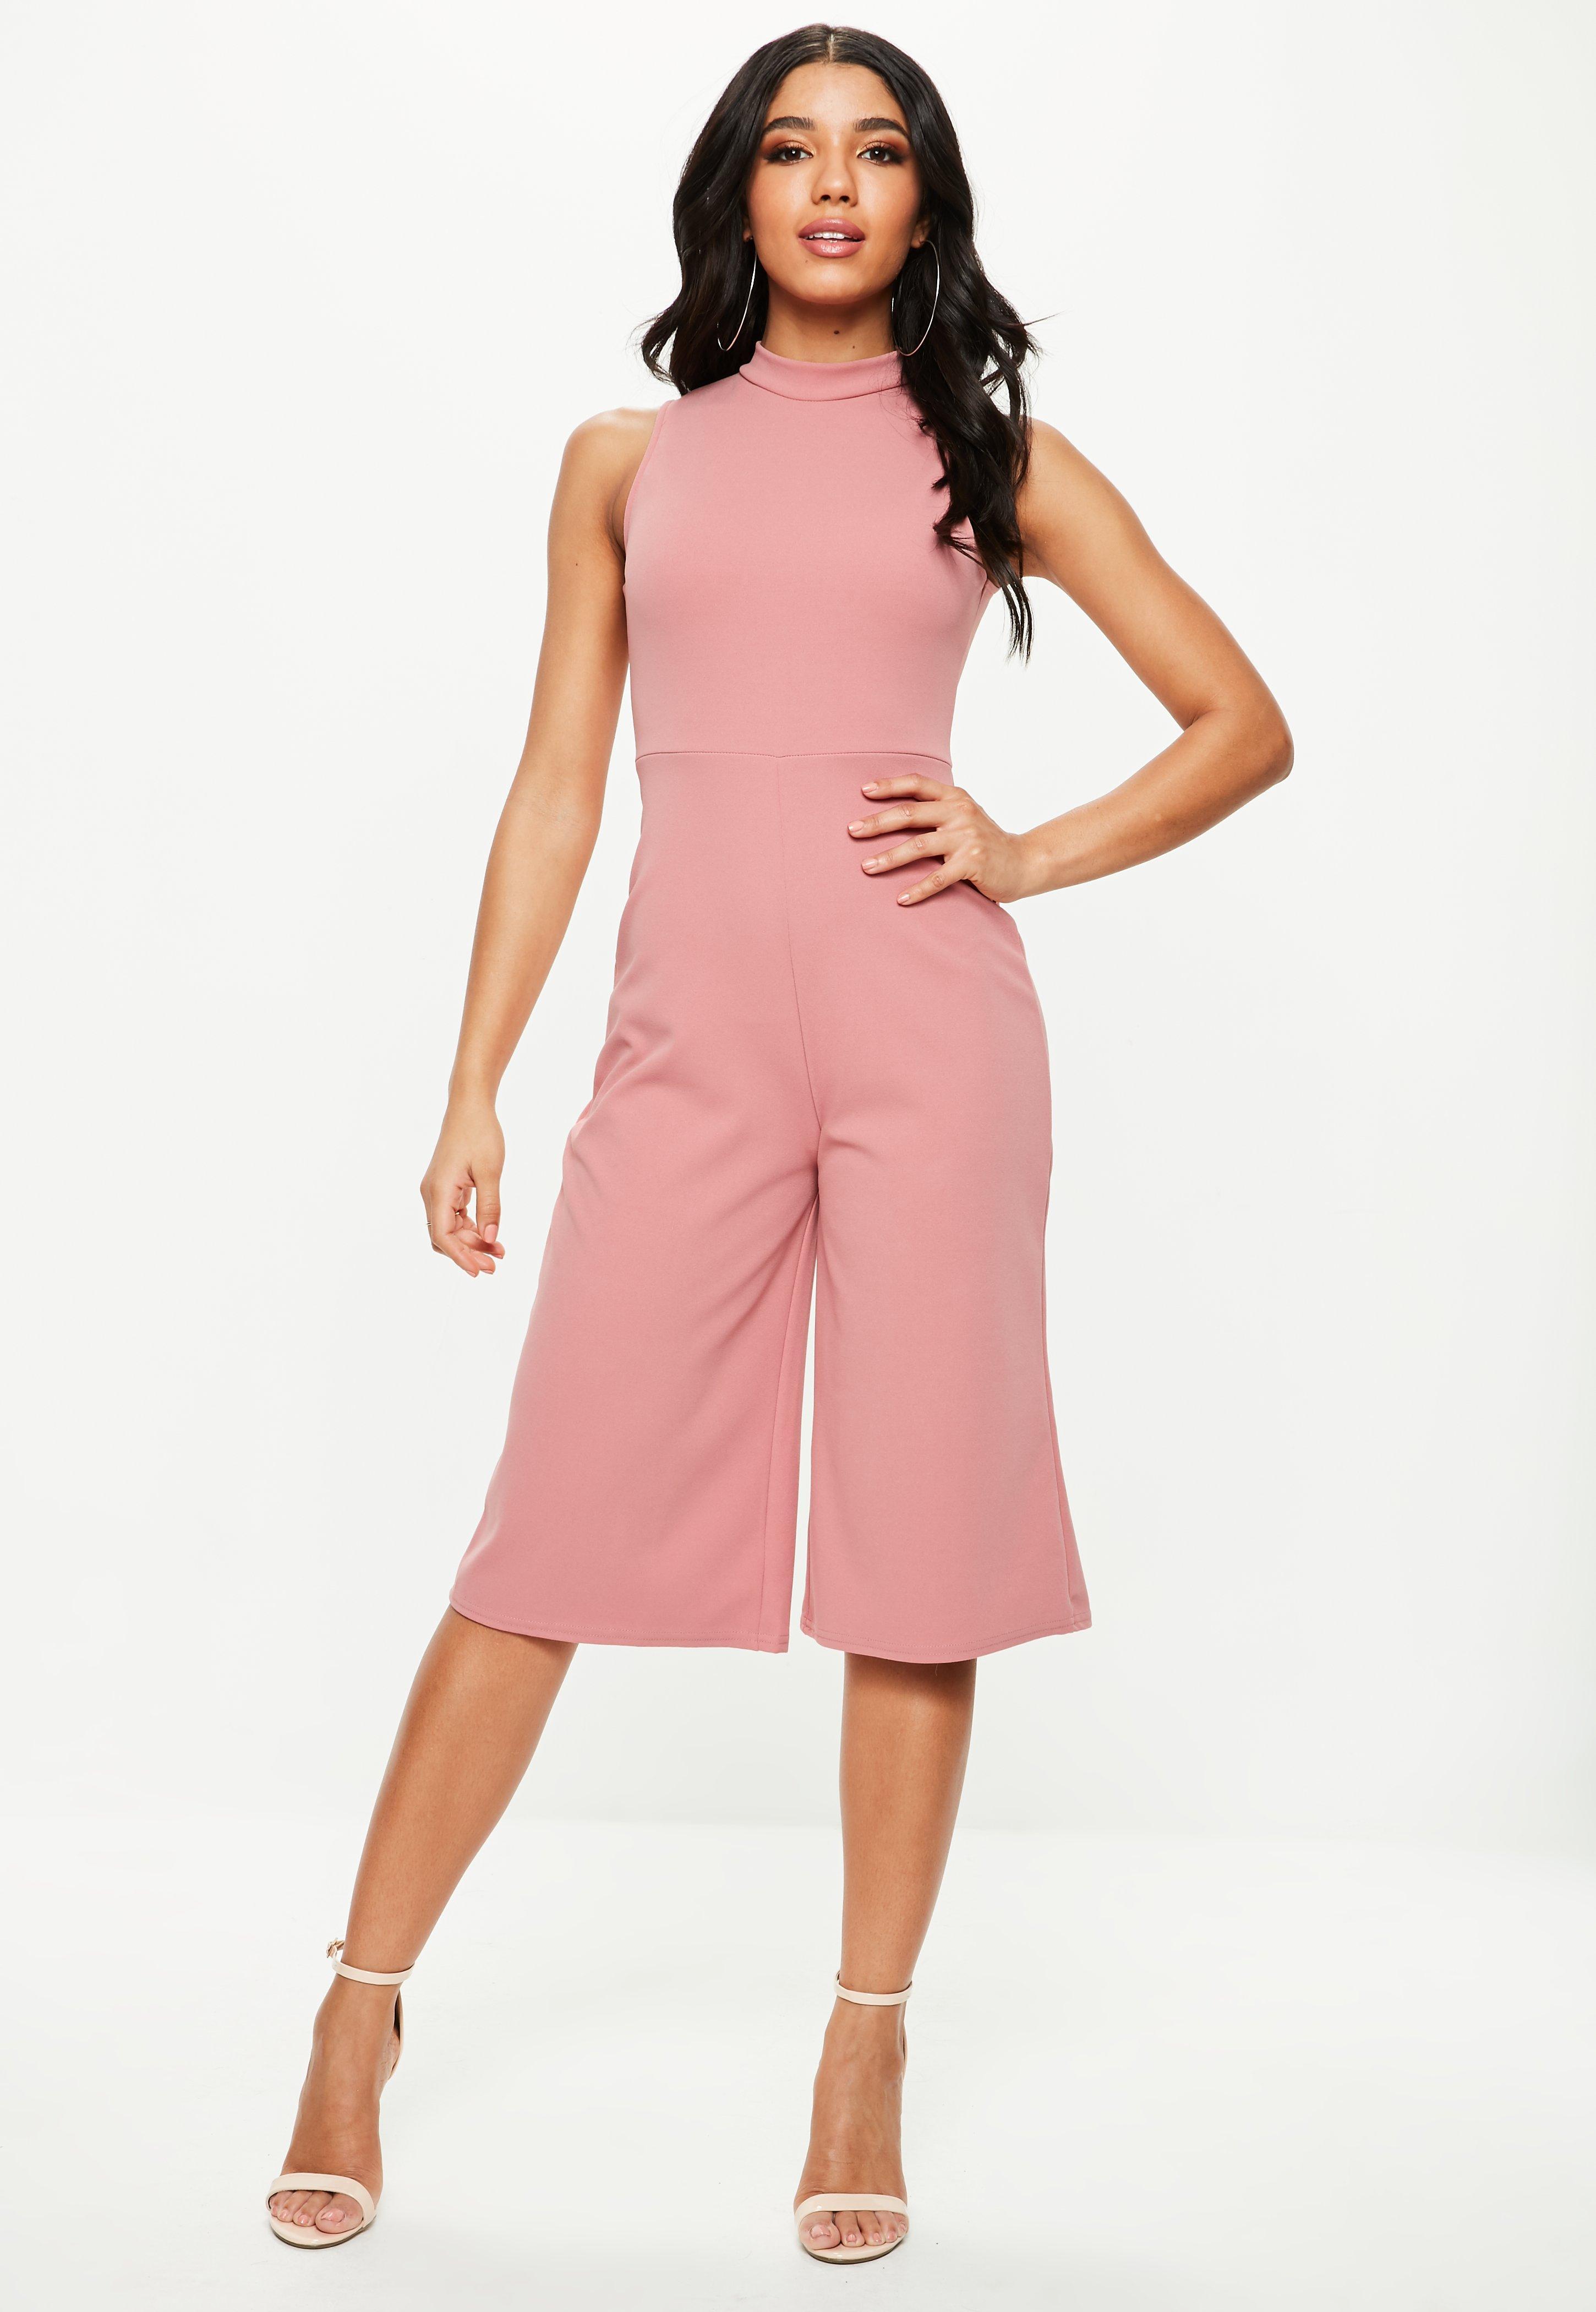 d0ef5b1143407 Combinaison jupe culotte femme - Missguided